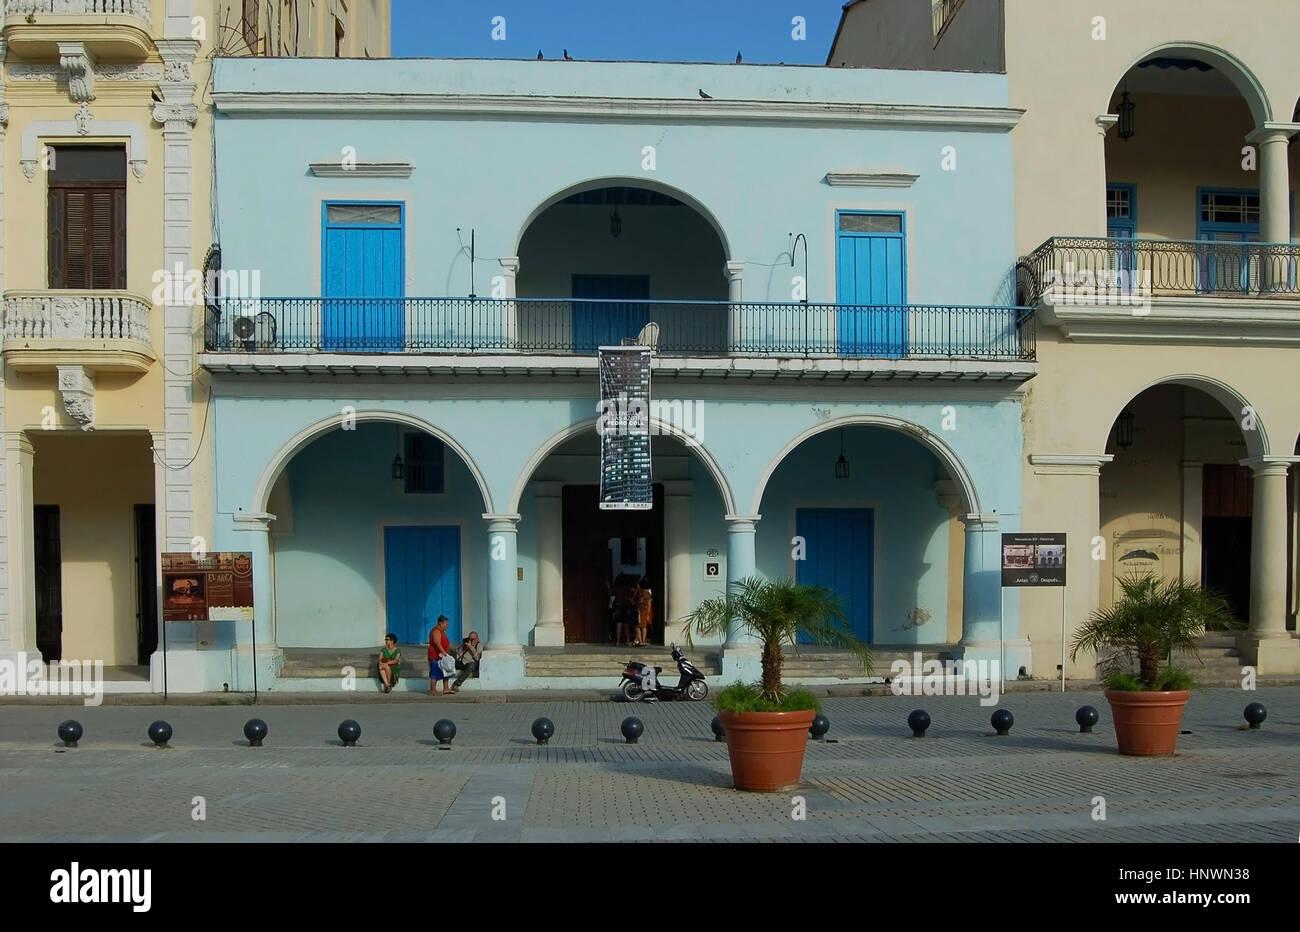 The Fototeca de Cuba, Plaza Vieja, Havana, Cuba - Stock Image